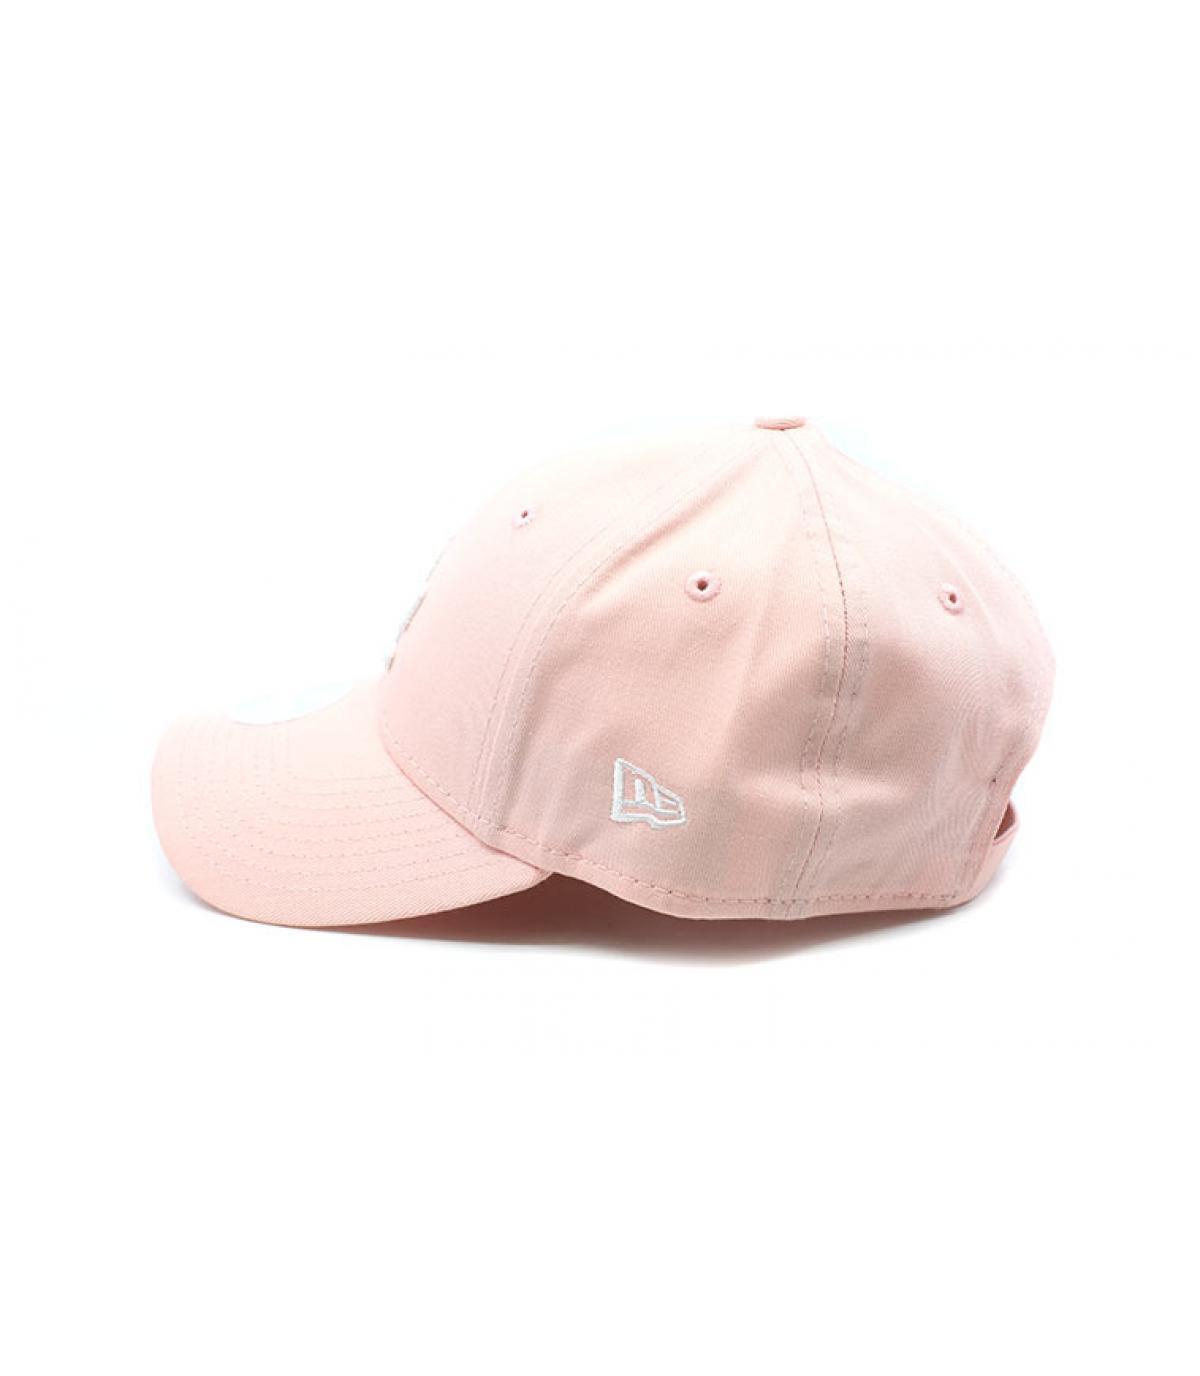 Dettagli Wmns League Ess LA 9Forty pink - image 4